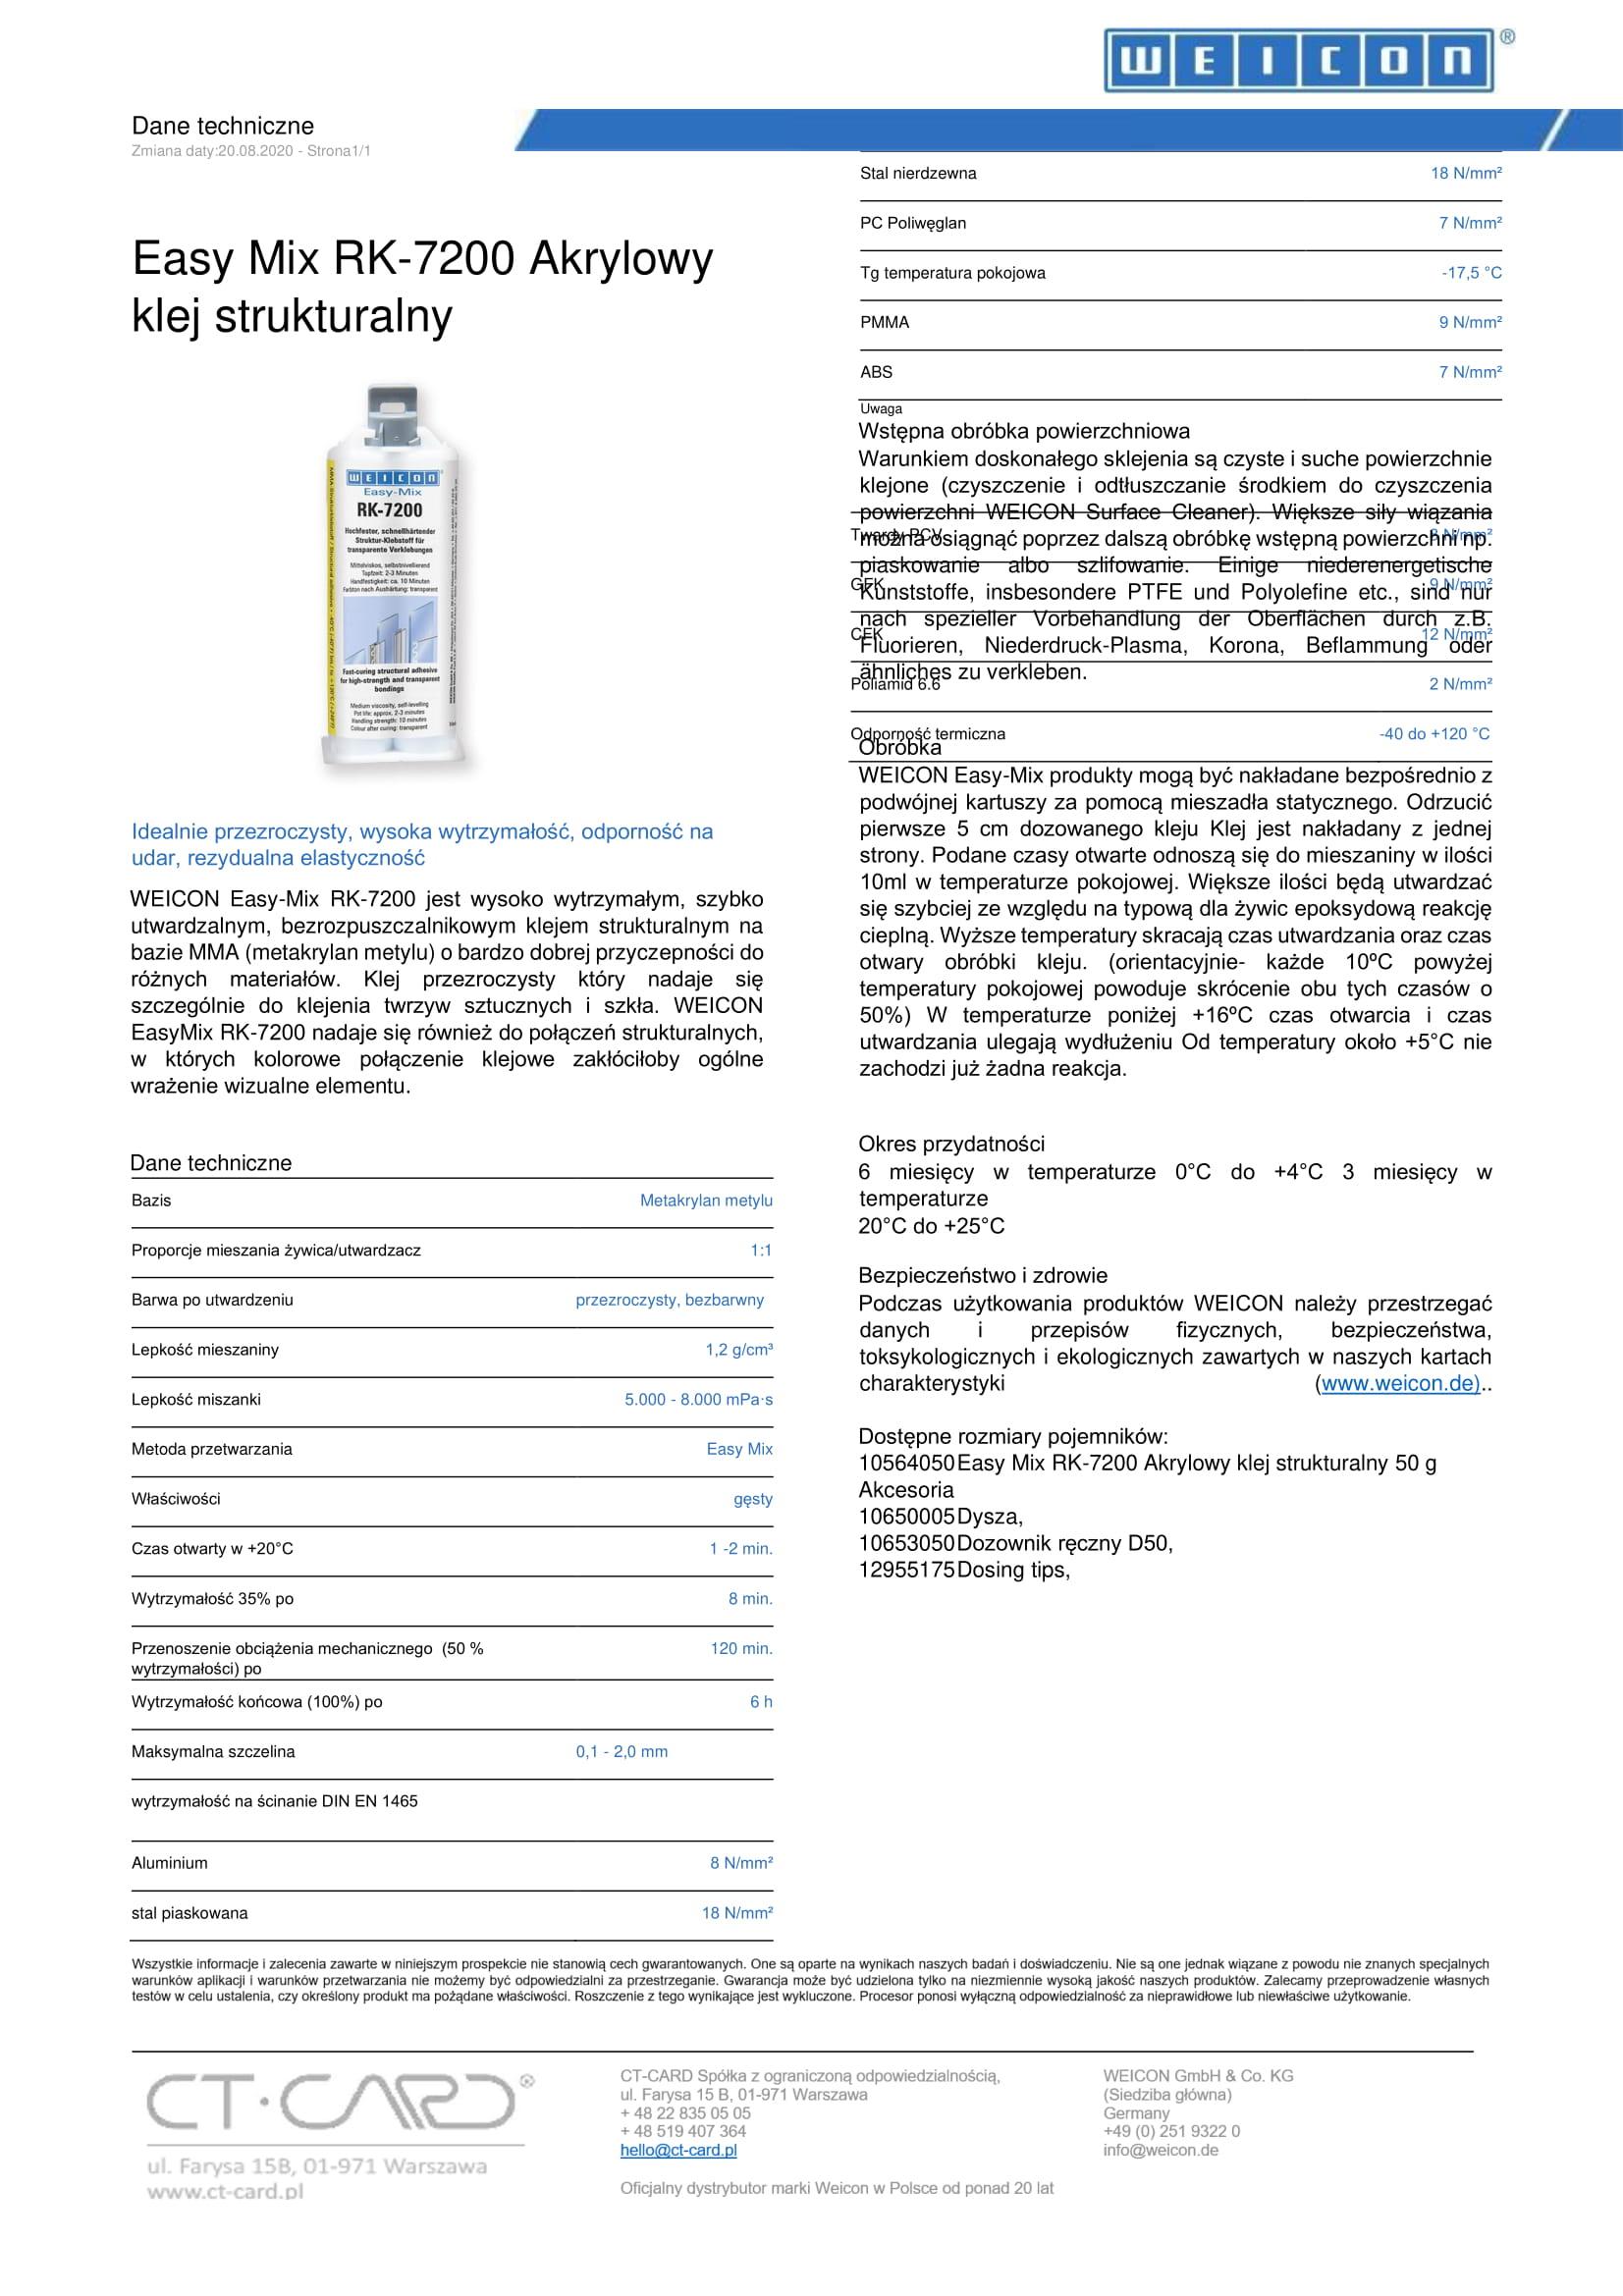 TDS_10564050_PL_Easy_Mix_RK-7200_Akrylowy_klej_strukturalny-1